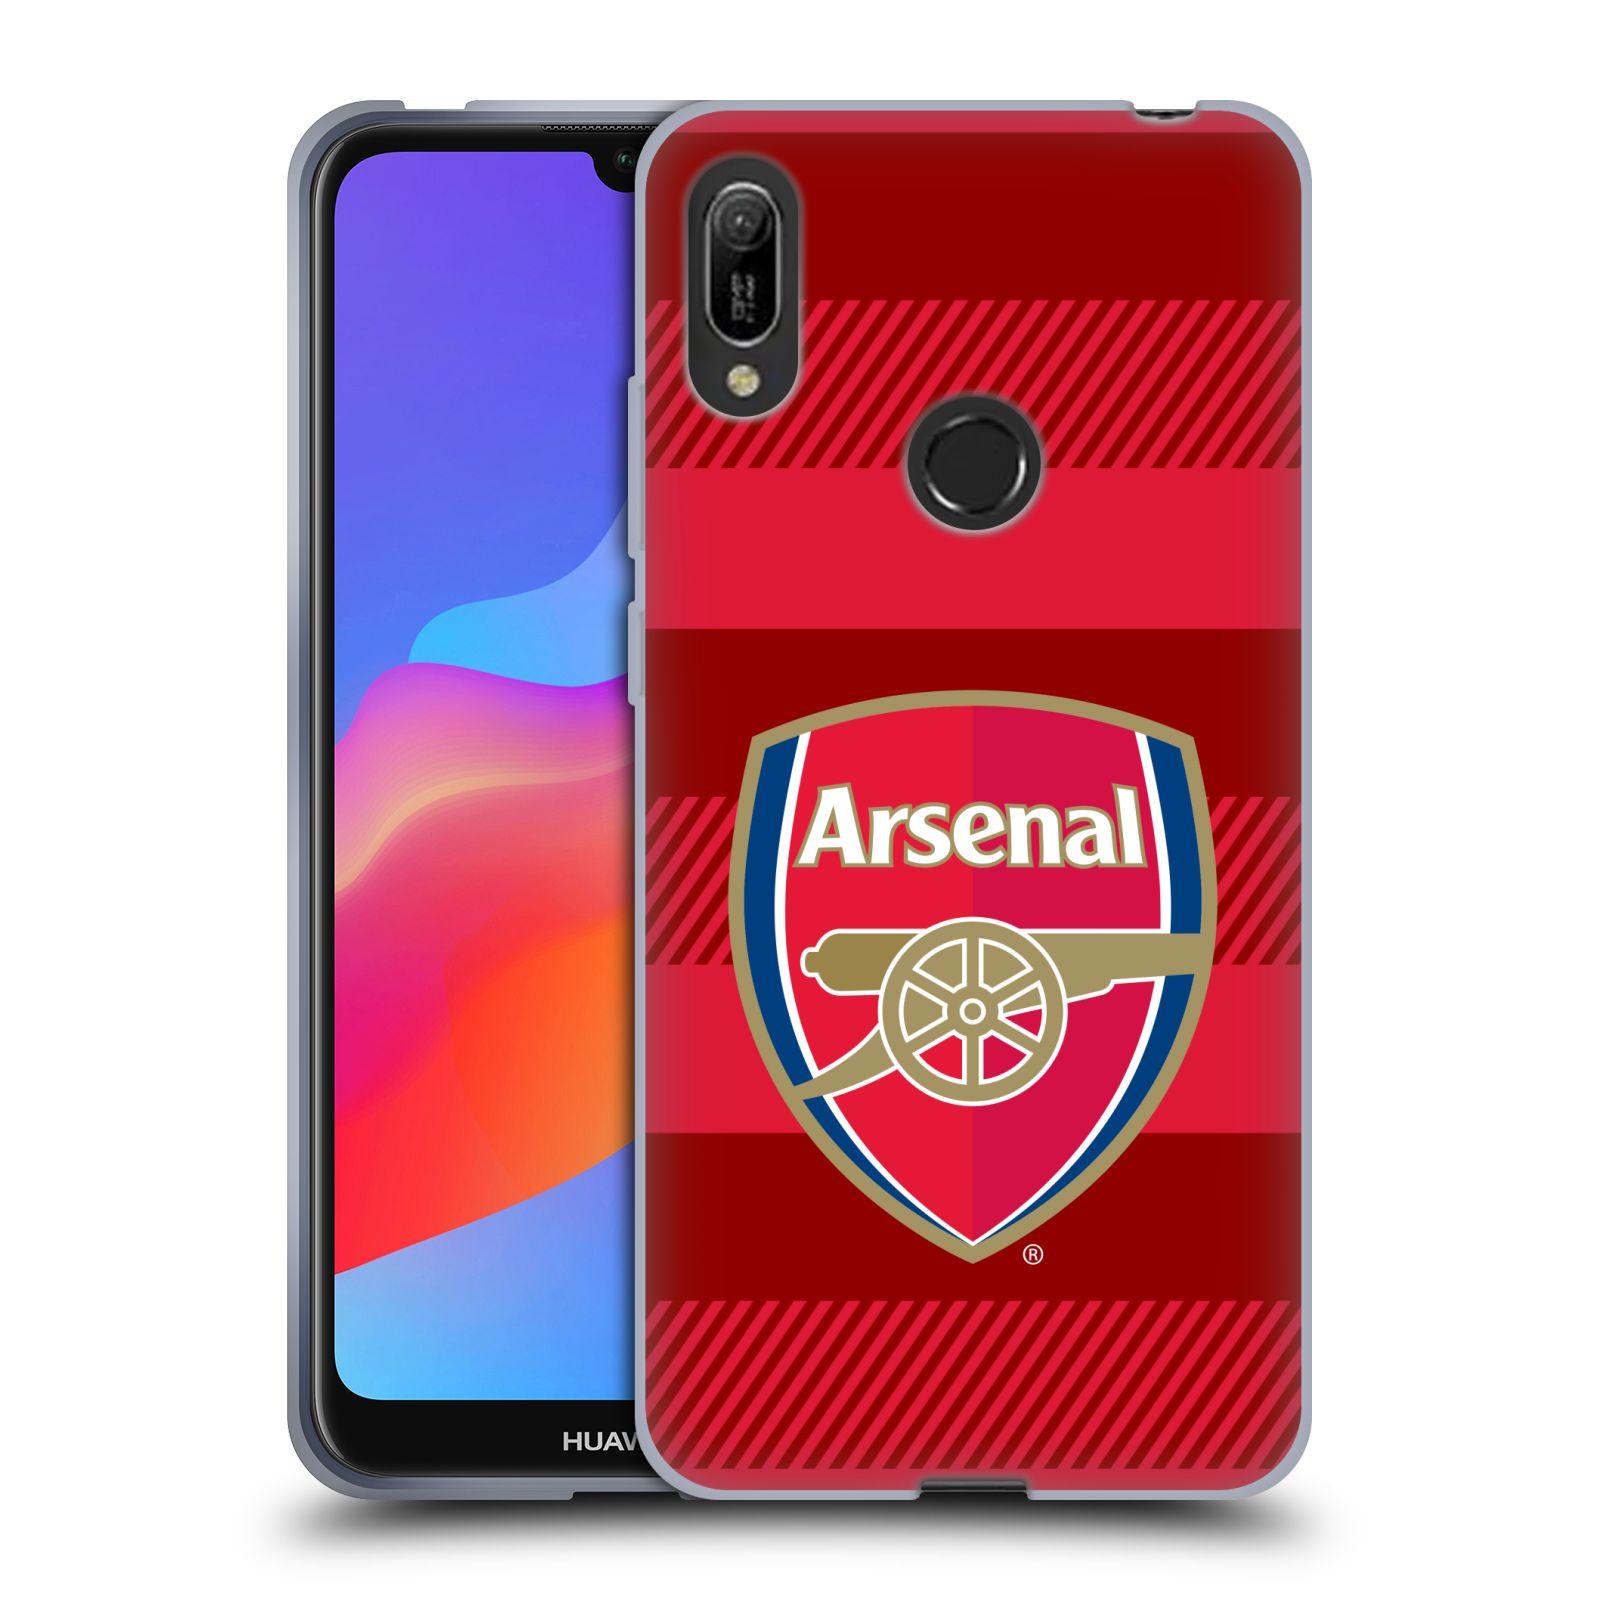 Silikonové pouzdro na mobil Huawei Y6 (2019) - Head Case - Arsenal FC - Logo s pruhy